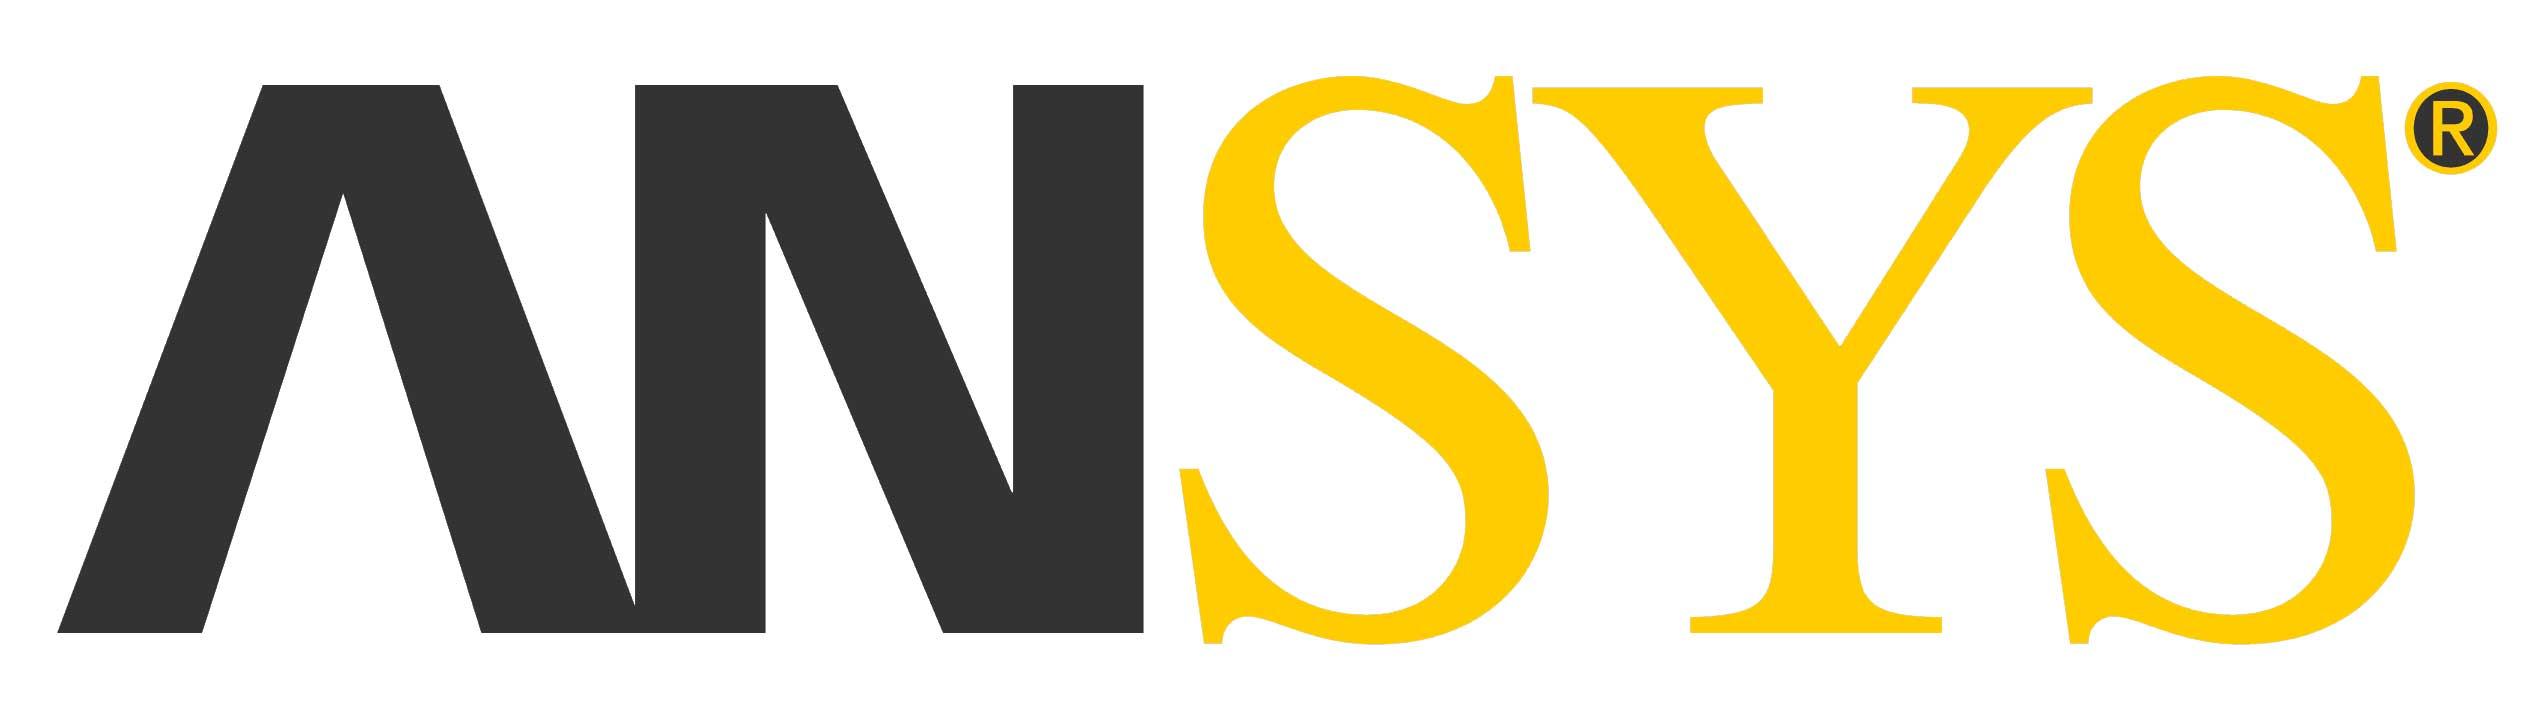 قابلیت نرم افزار  ANSYS  و نصب نرم افزار ANSYS ورژن 16.1